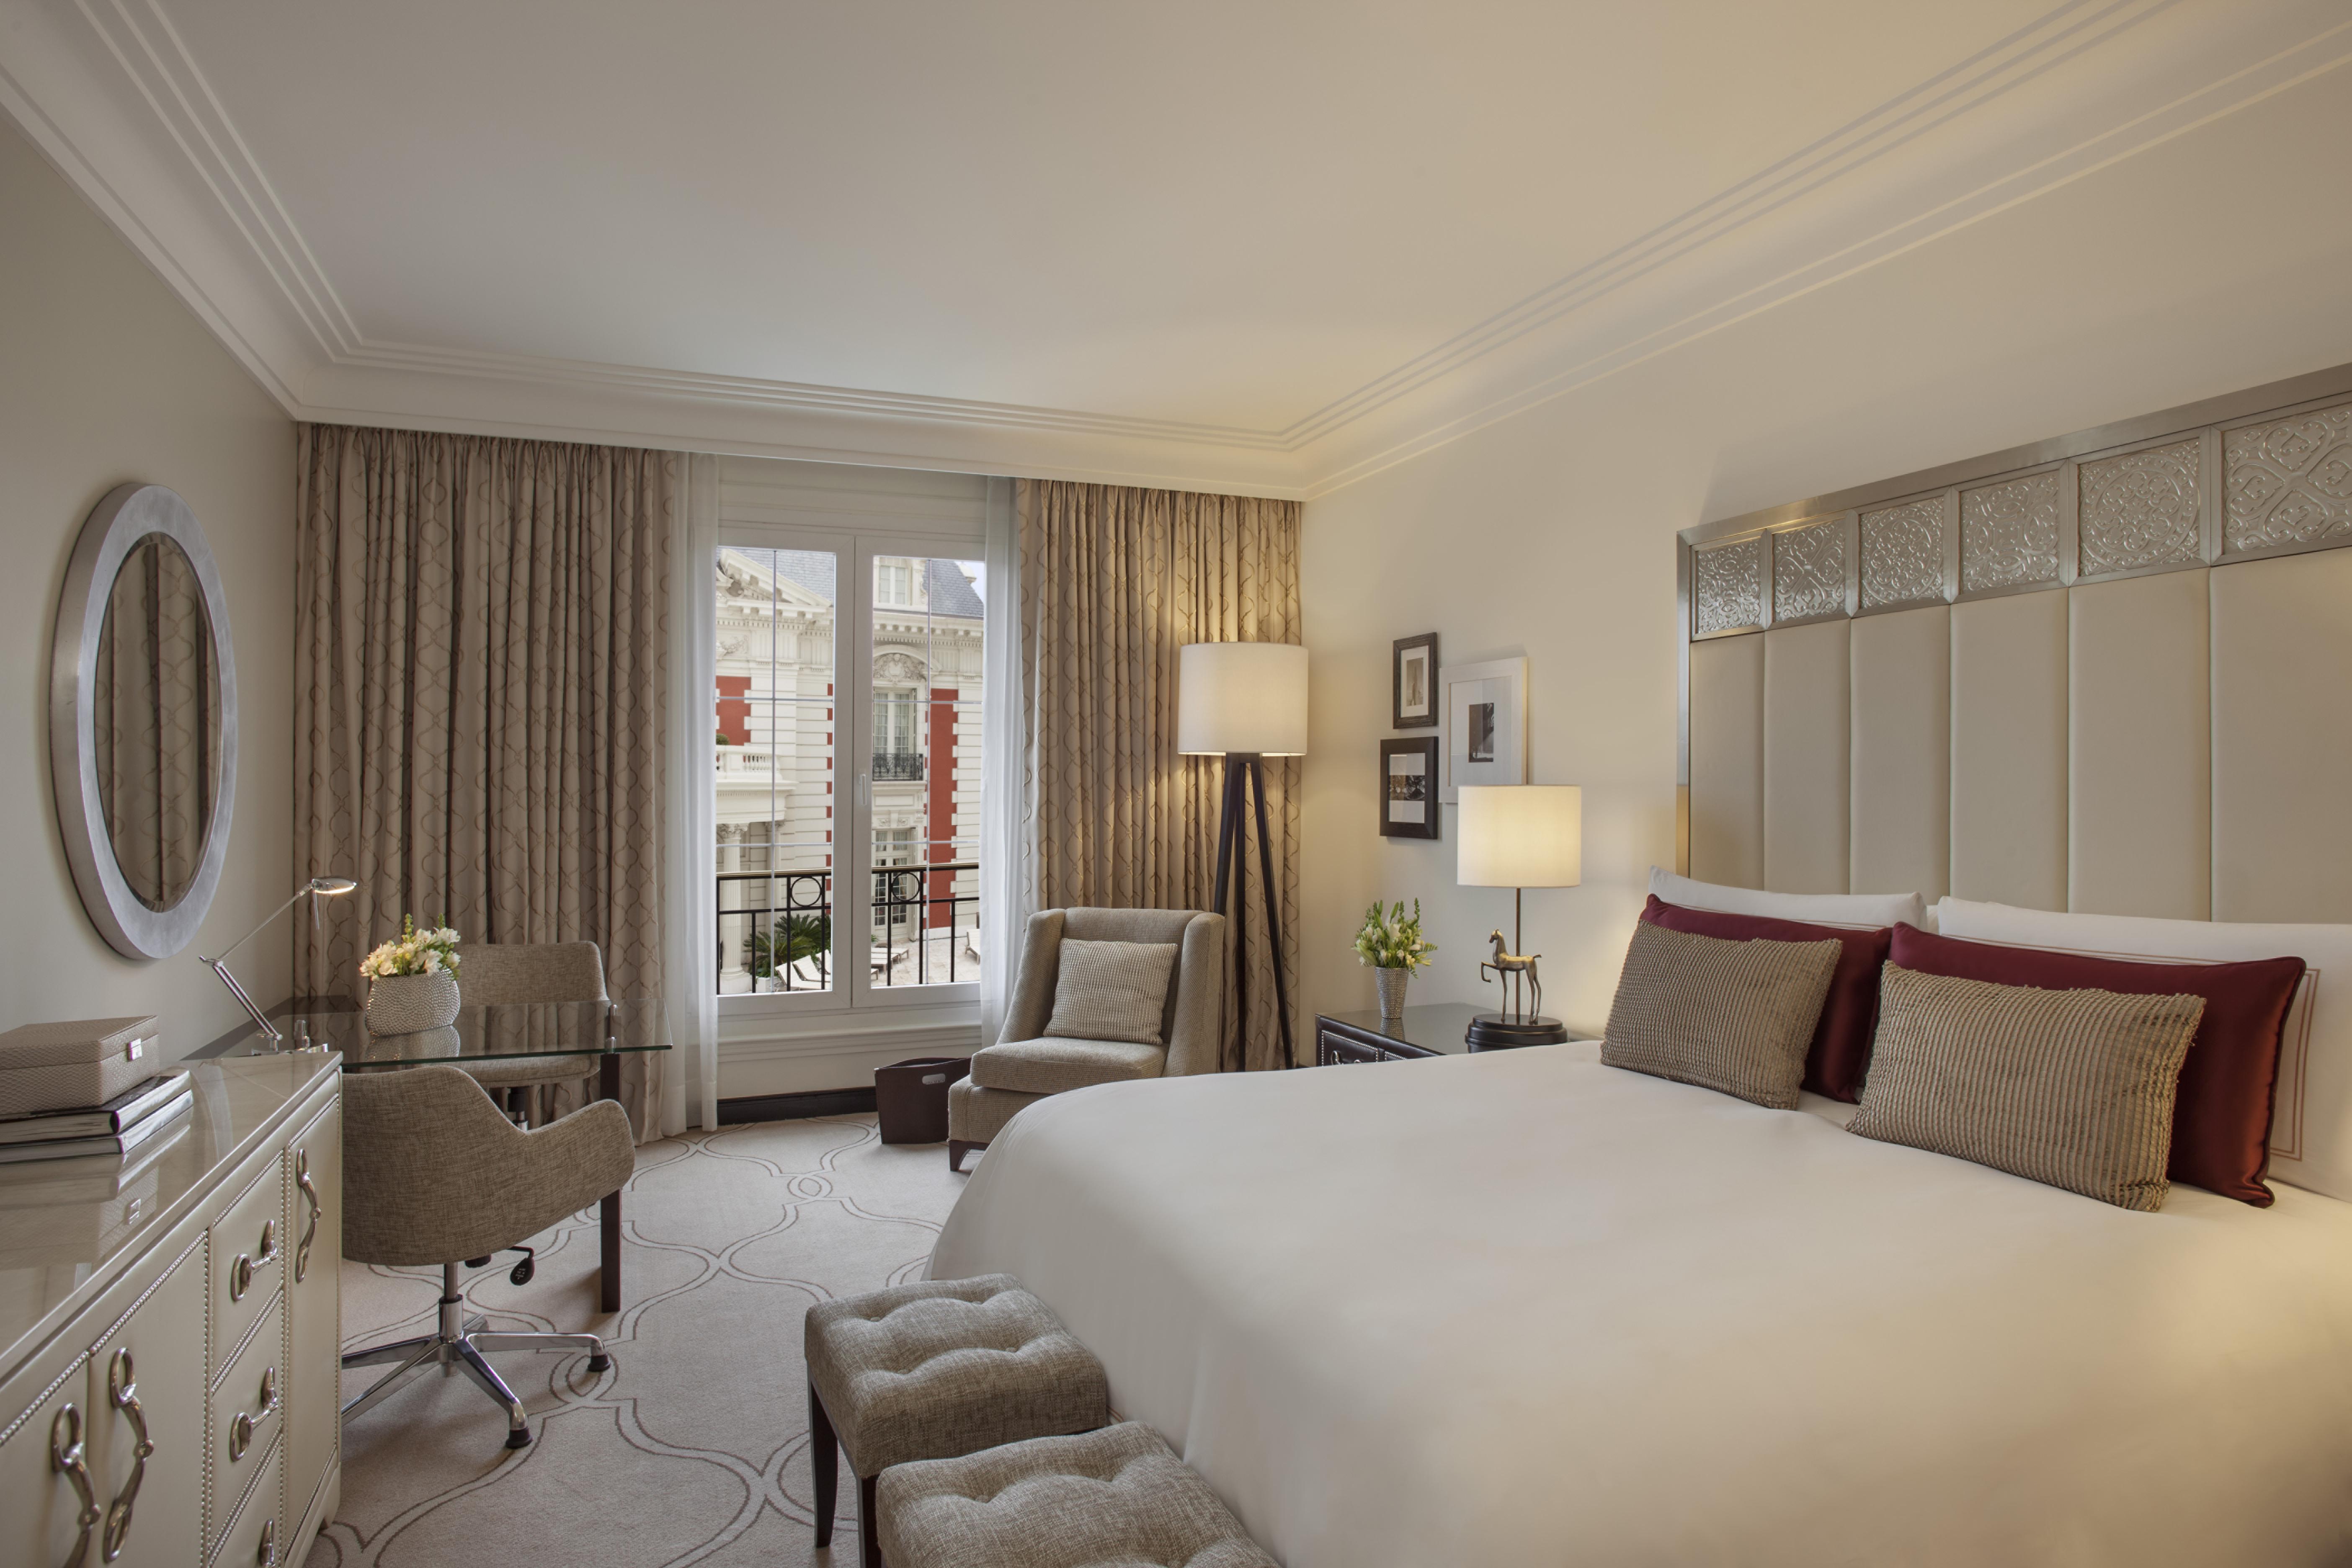 Tarifas de habitaciones del hotel de lujo four seasons for Hoteles de lujo habitaciones